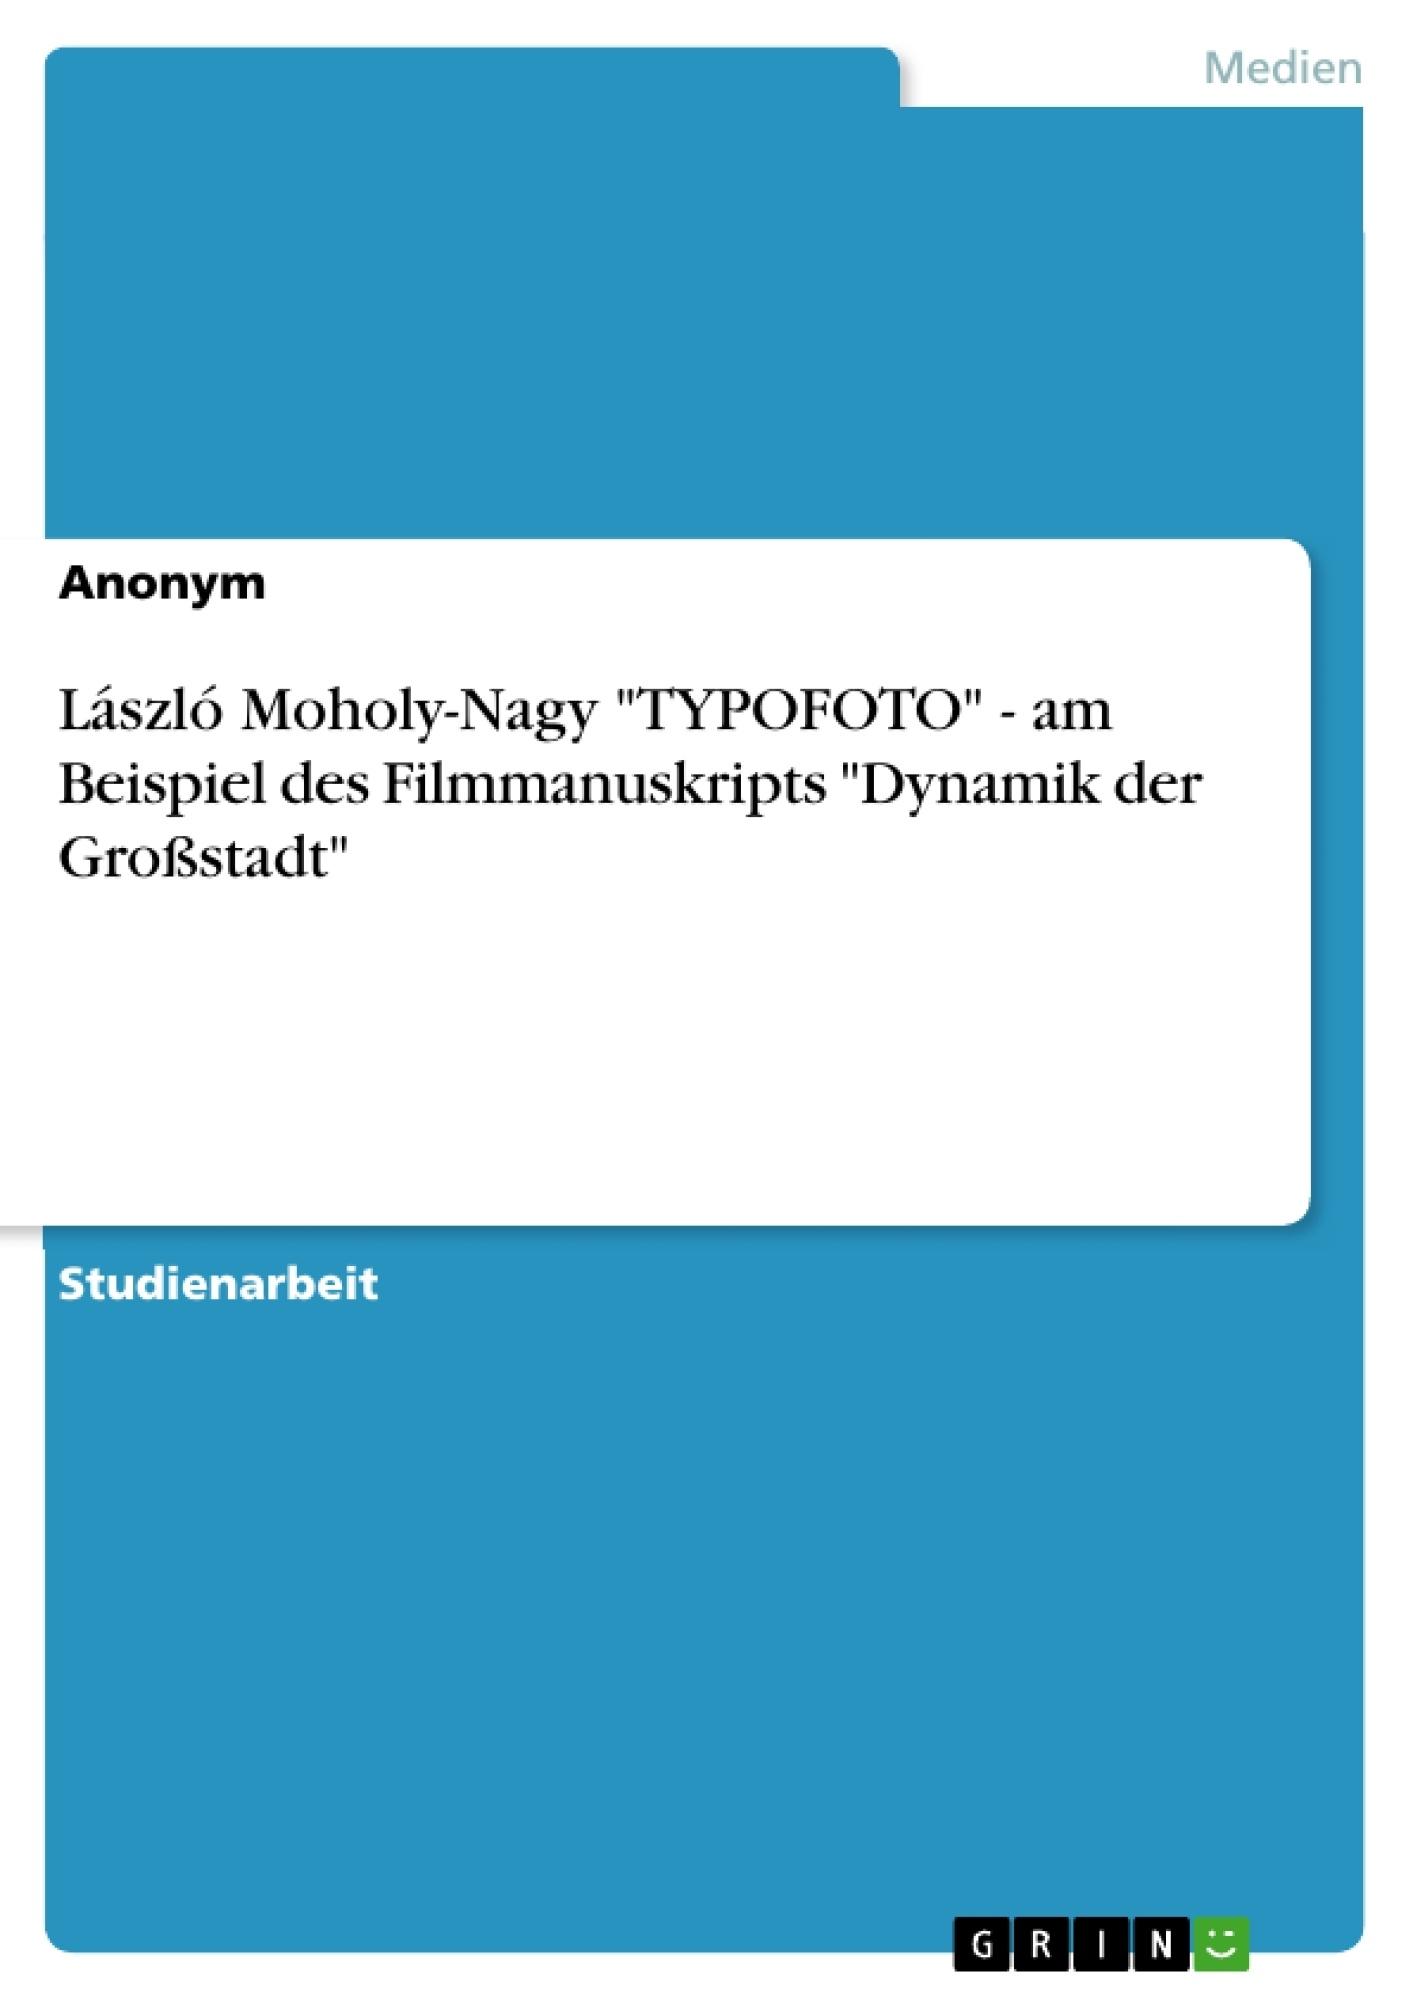 """Titel: László Moholy-Nagy """"TYPOFOTO"""" - am Beispiel des Filmmanuskripts """"Dynamik der Großstadt"""""""